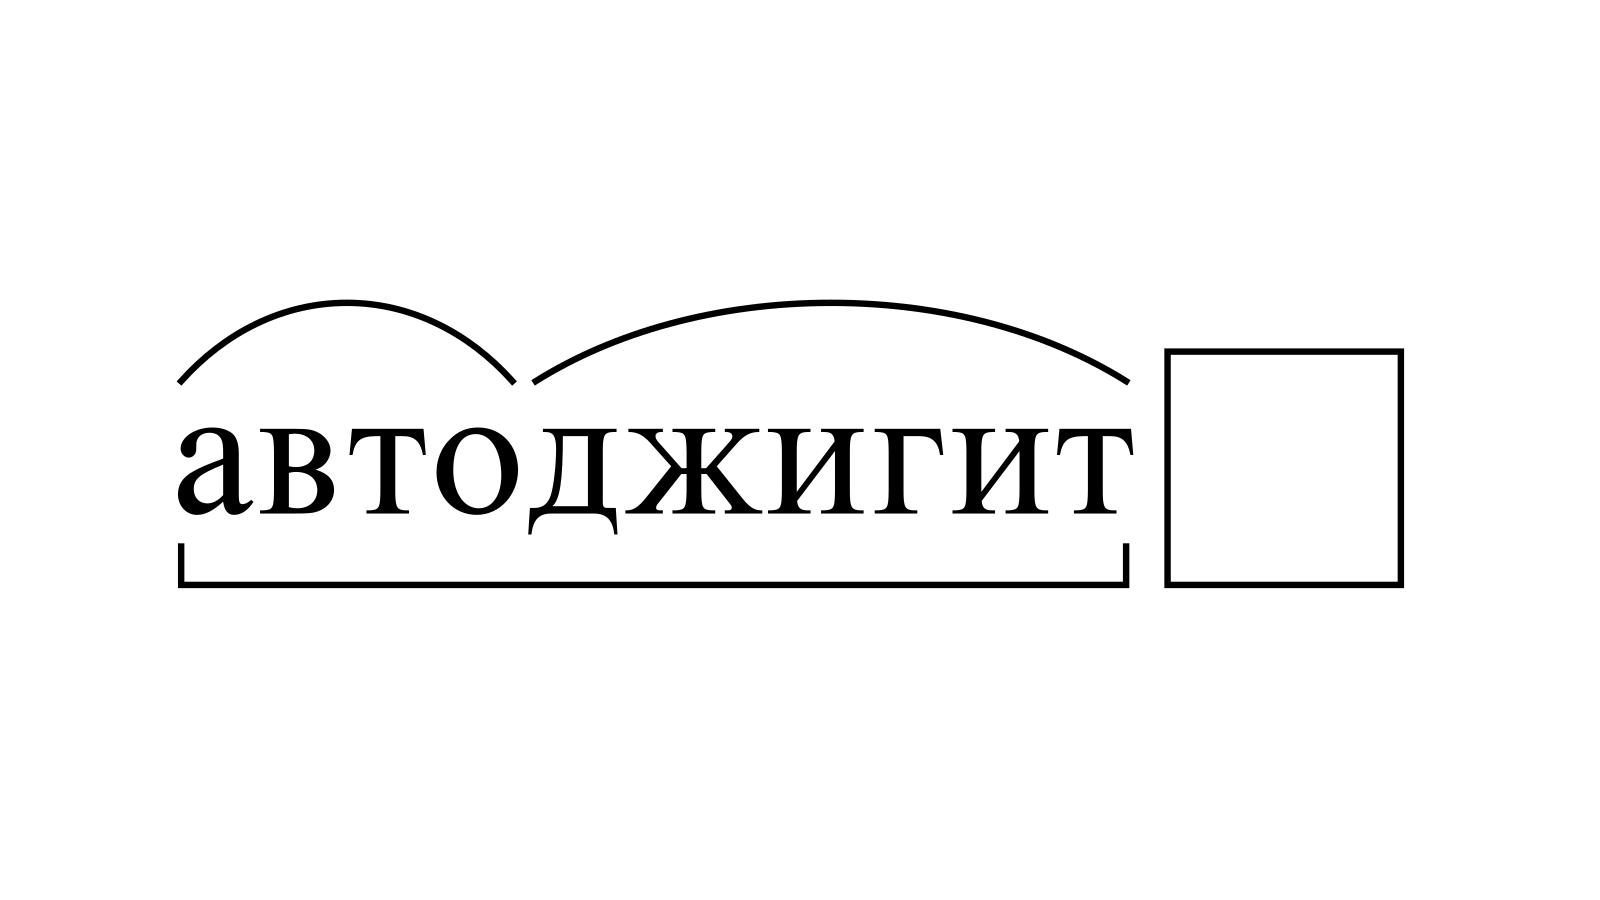 Разбор слова «автоджигит» по составу